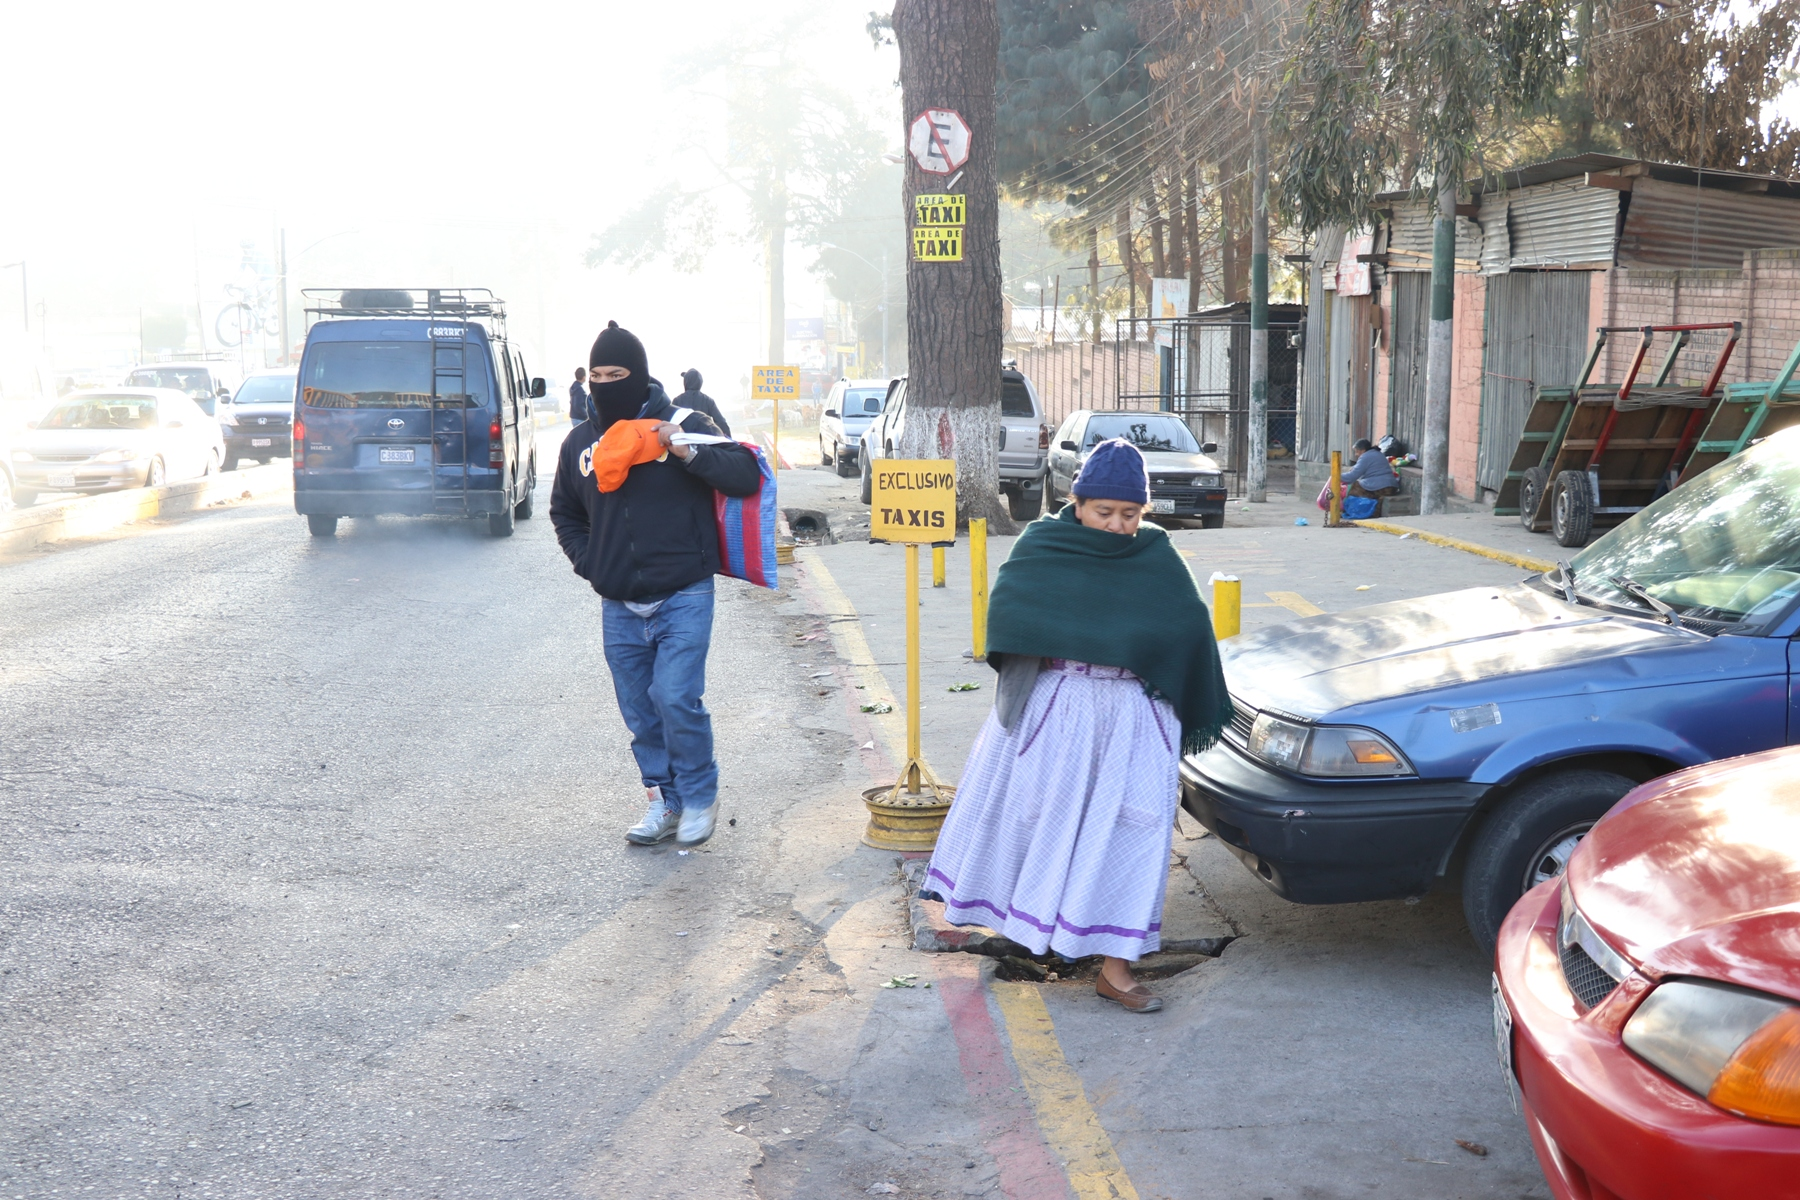 Vecinos de xela utilizan tapados, pasamontañas, gorras y bufandas para protegerse de las bajas temperaturas. (Foto Prensa Libre: María Loongo)